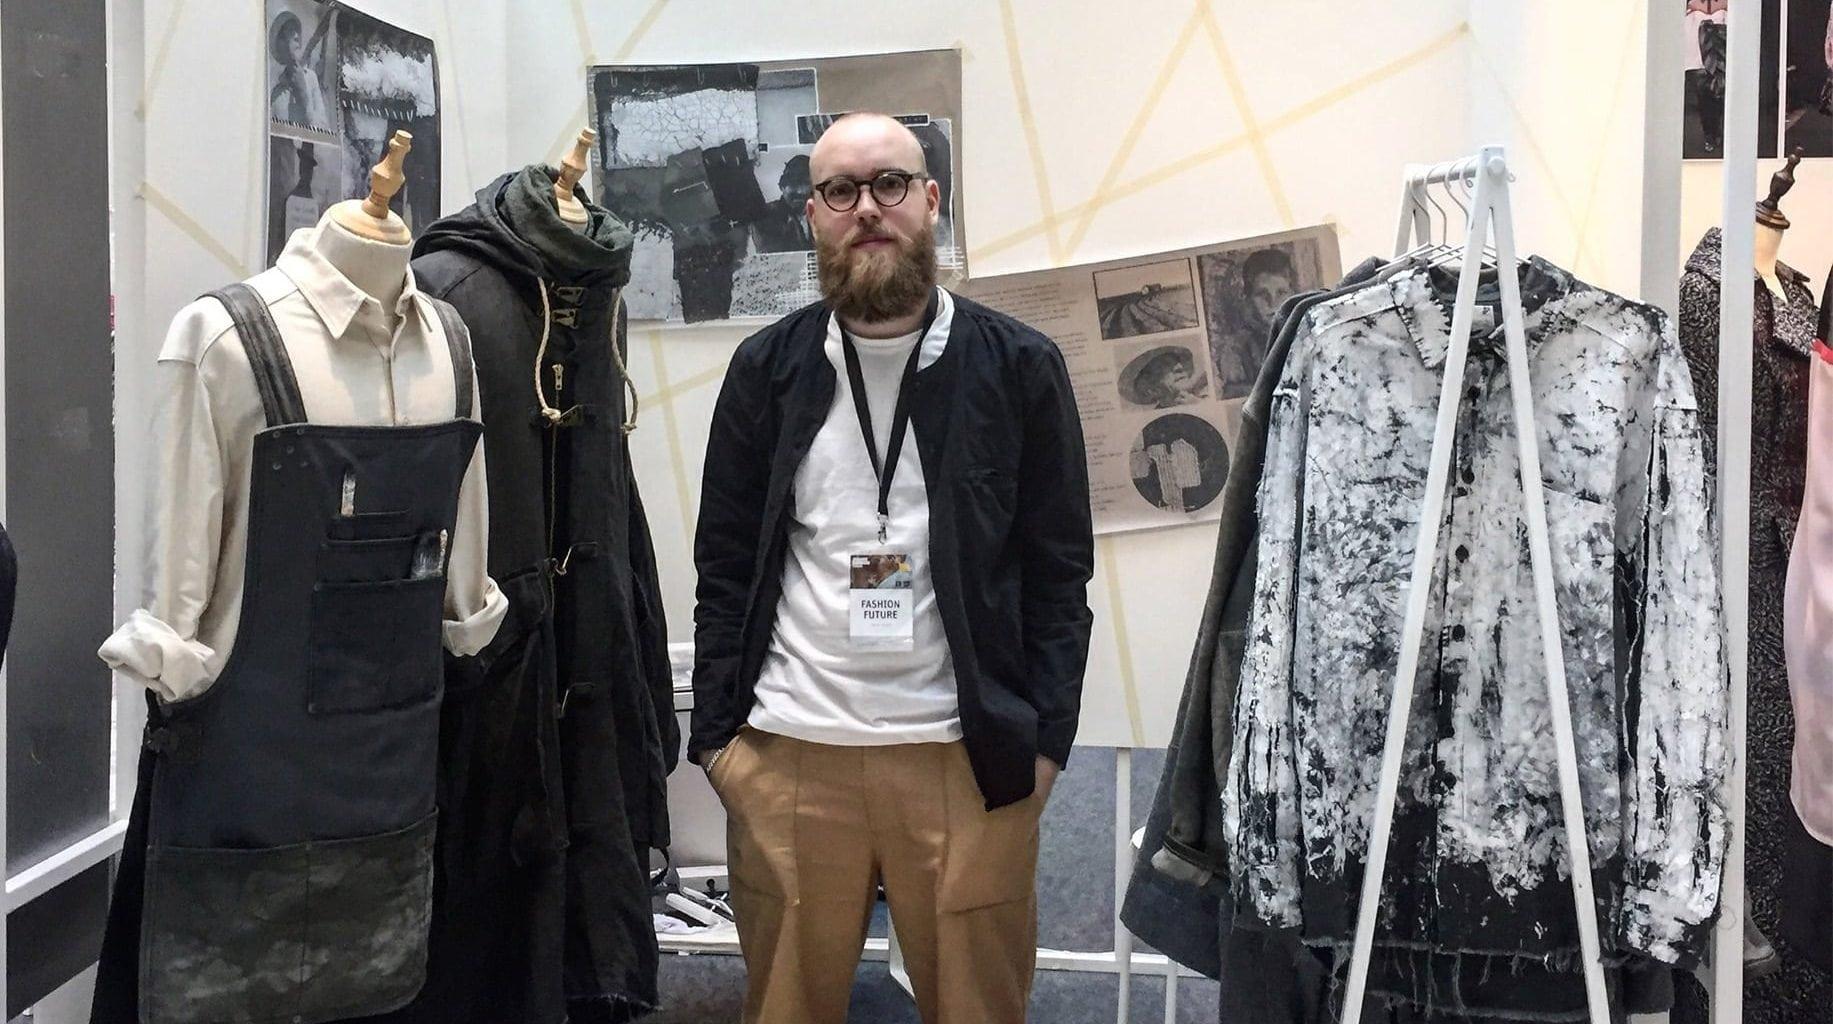 BA (Hons) Fashion alumnus Daniel Rynne